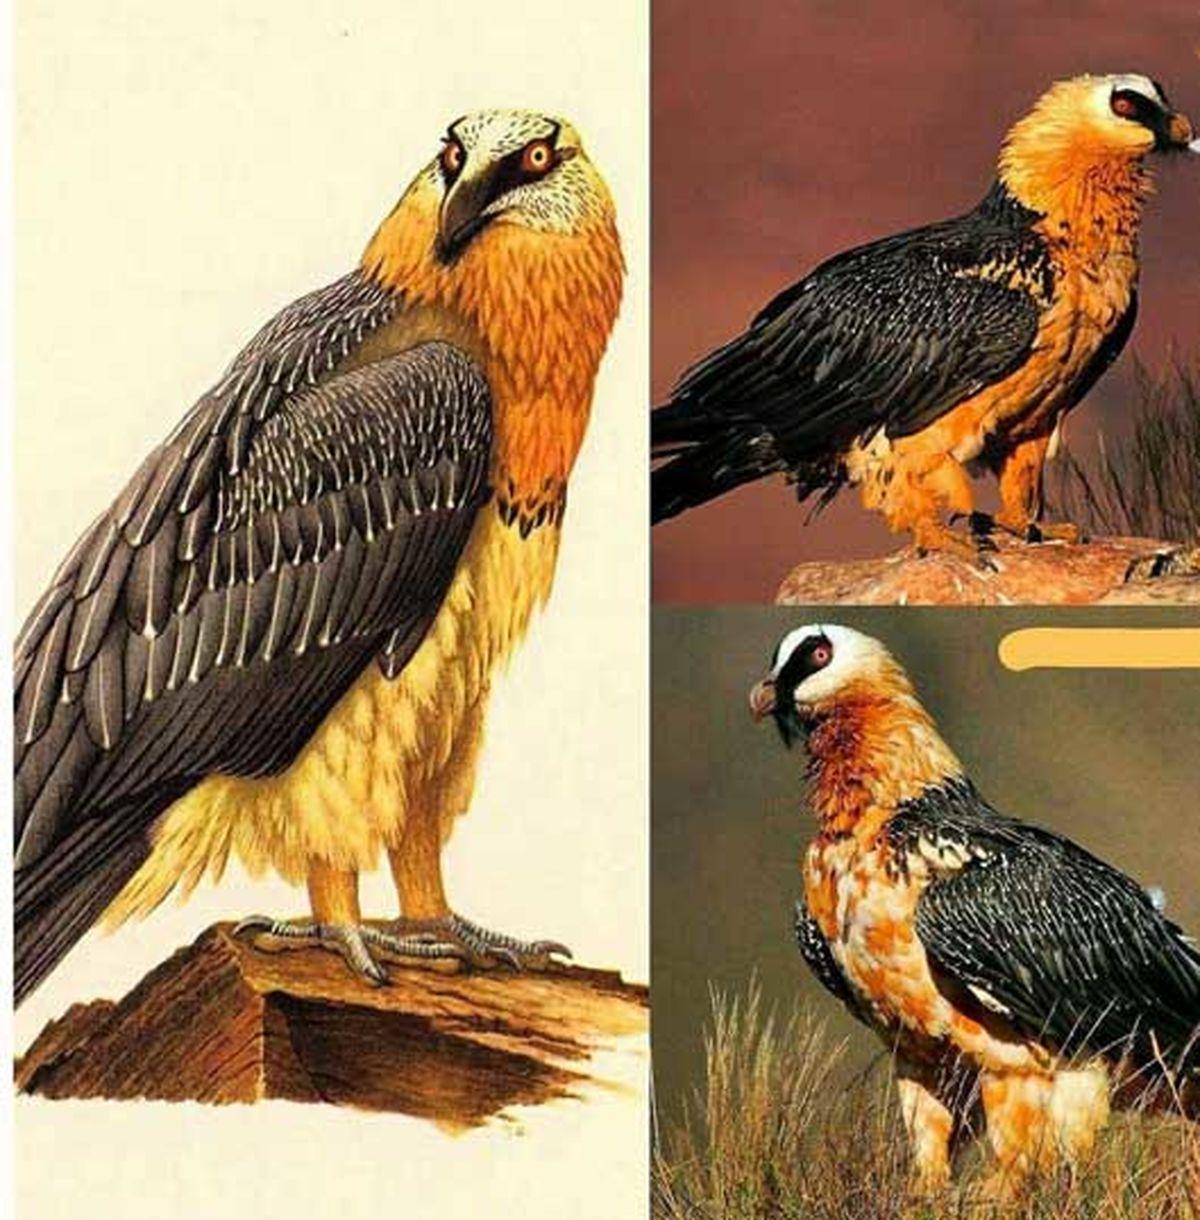 تصویری از هما پرنده اساطیری ایران